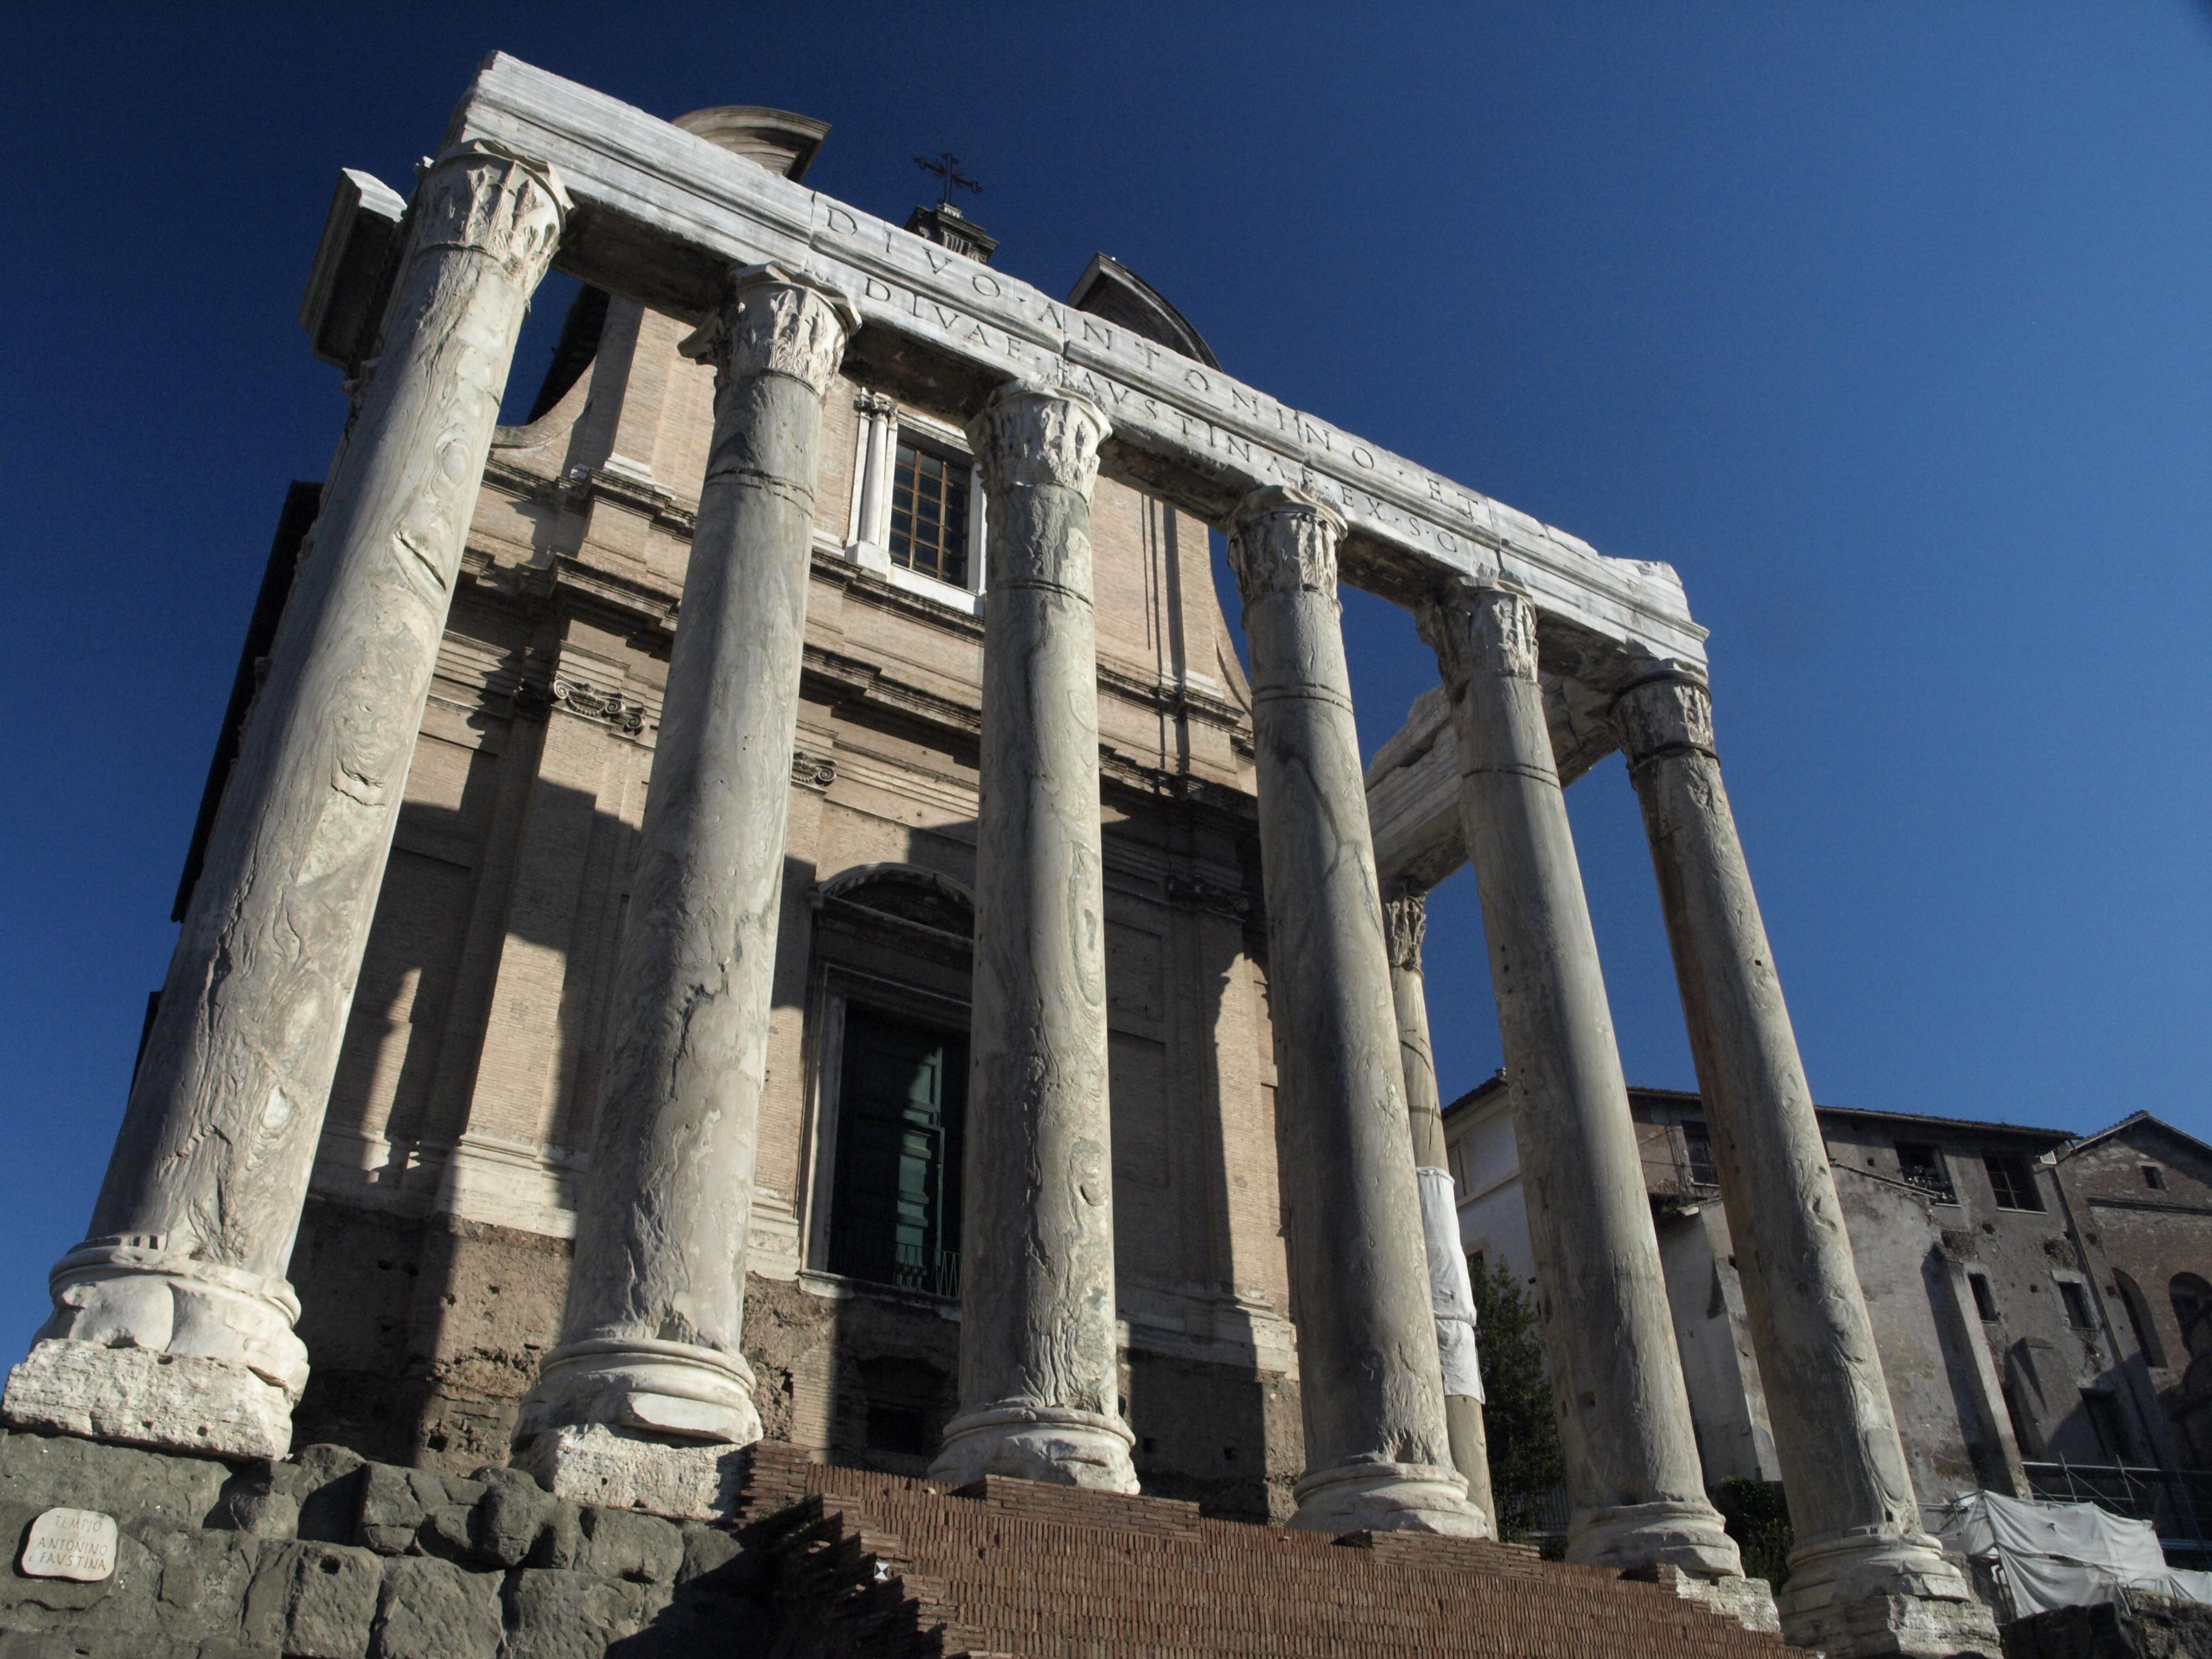 Řím - Forum Romanum - chrám Antonina a Faustiny, 141 n.l, pův. pro manželku Faustinu, po smrti i pro císaře Antonina